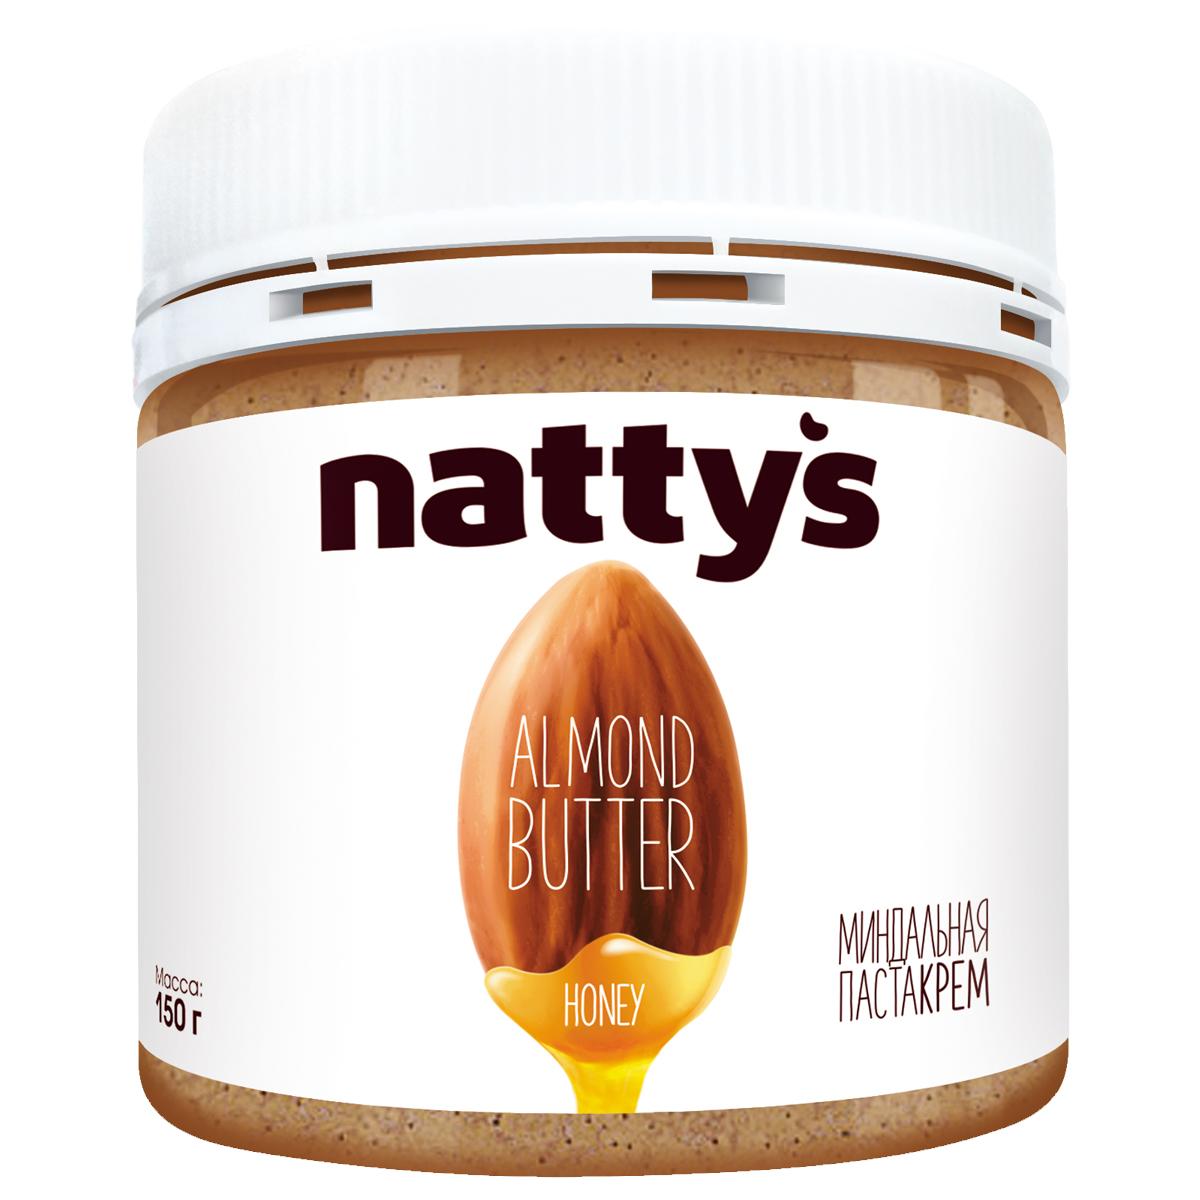 Nattys паста-крем миндальная, 150 гБ0002792Вкус и пользу Nattys вобрал из своих натуральных компонентов: фундук богат мононенасыщенными жирными кислотами, которые помогают снижать уровень холестерина и сжигают жировые клетки; арахис содержит много белка (усваивается до 98%) и клетчатки, что способствует длительному ощущению сытости и является основой здорового питания. Хрустящий хлеб с шоколадной пастой Nattys - традиционный любимый завтрак с детства, который поднимет настроение и наполнит день улыбкой.